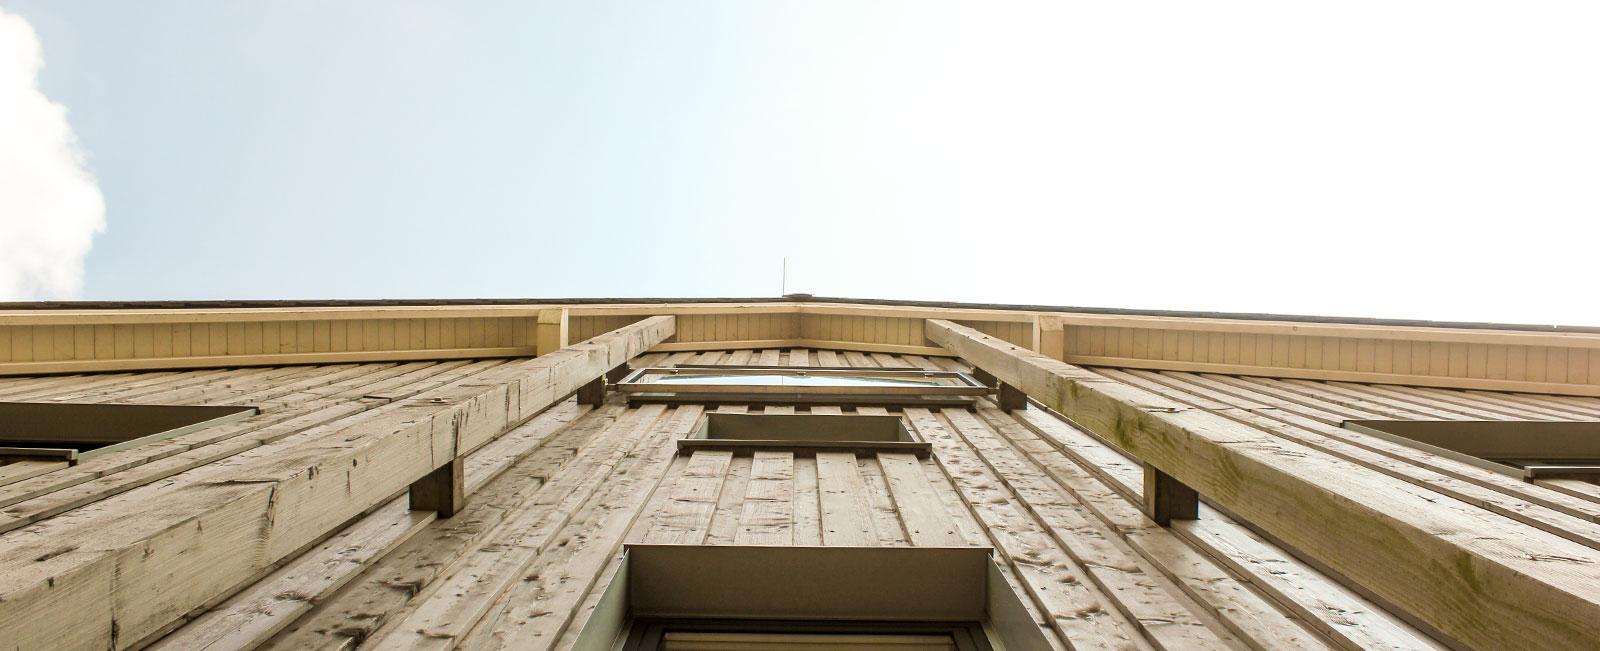 Haus-auf-der-Hardt-Pflege-Ueber-uns-Wiegand-GmbH-Header-Haus-Himmel-Fenster-Wolken-Dienstleister-Betreutes-Wohnen-Therapie-Zentrum-Leistungen-Ambulant-Stationär